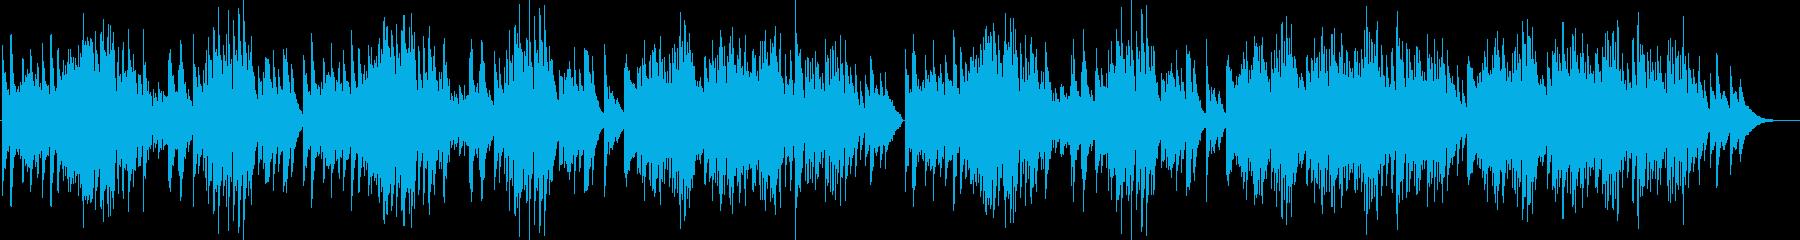 切ない感じのヒーリング系ピアノソロの再生済みの波形